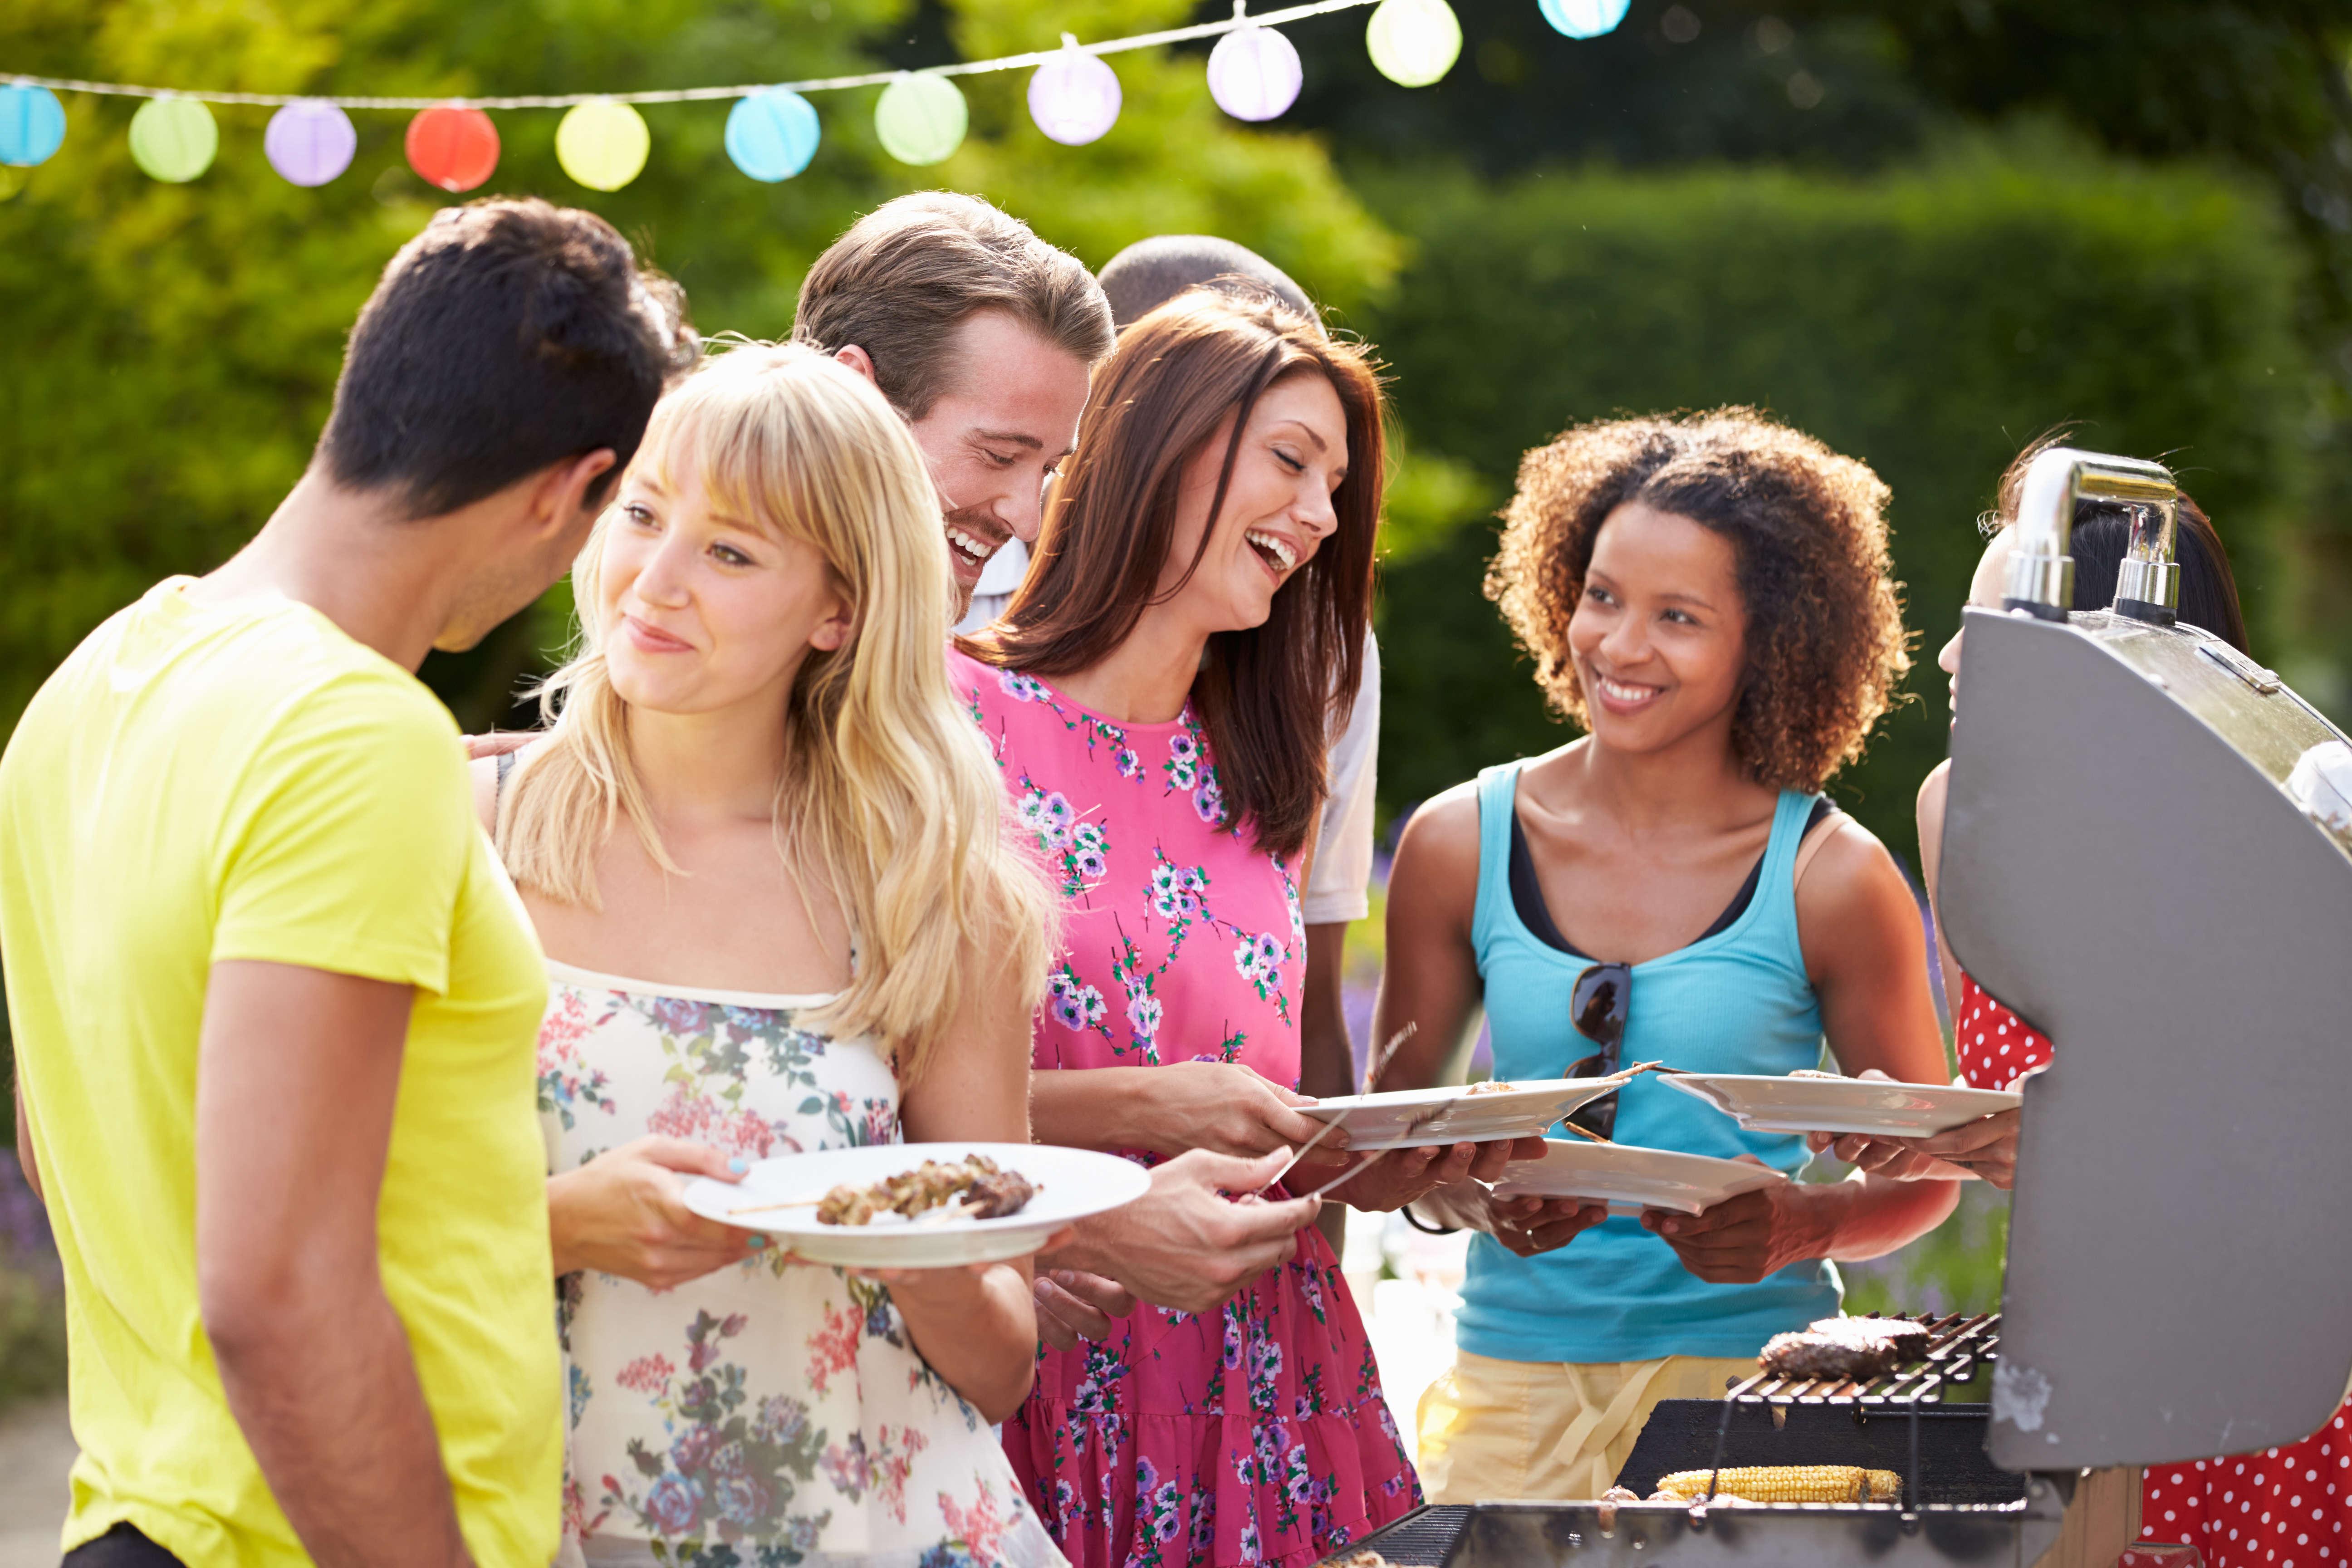 Blog La Foir'Fouille - On adore - 5 recettes conviviales pour la fête des voisins